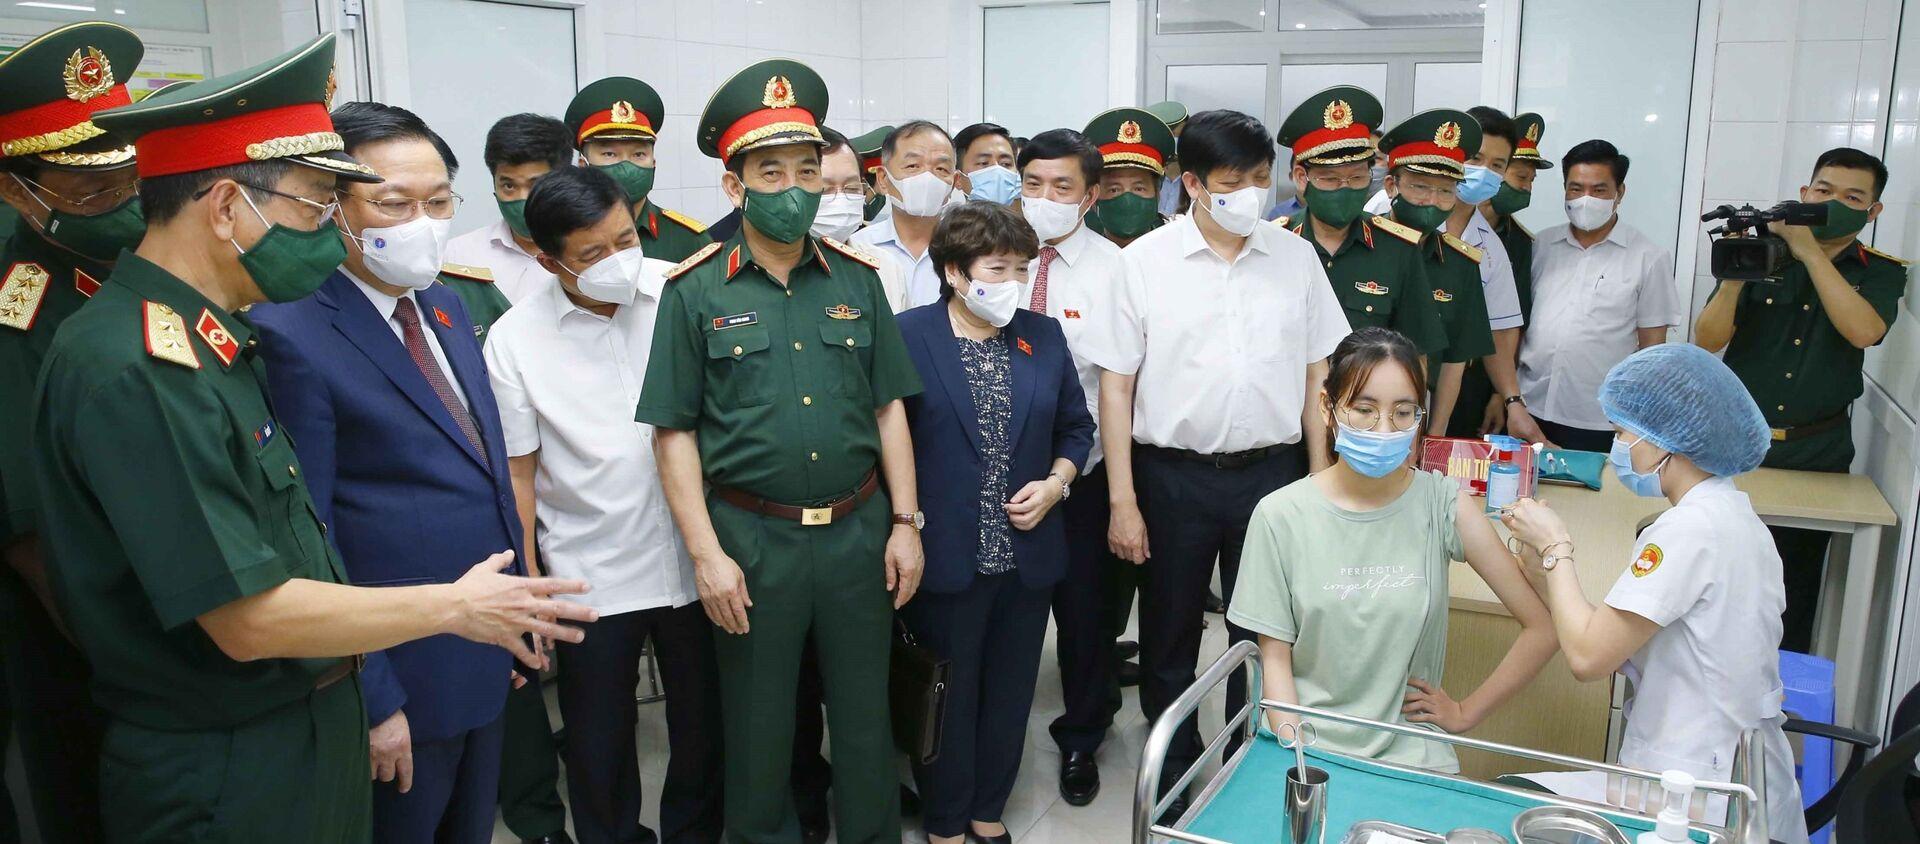 Chủ tịch Quốc hội Vương Đình Huệ thăm, làm việc tại Học viện Quân y - Sputnik Việt Nam, 1920, 23.06.2021